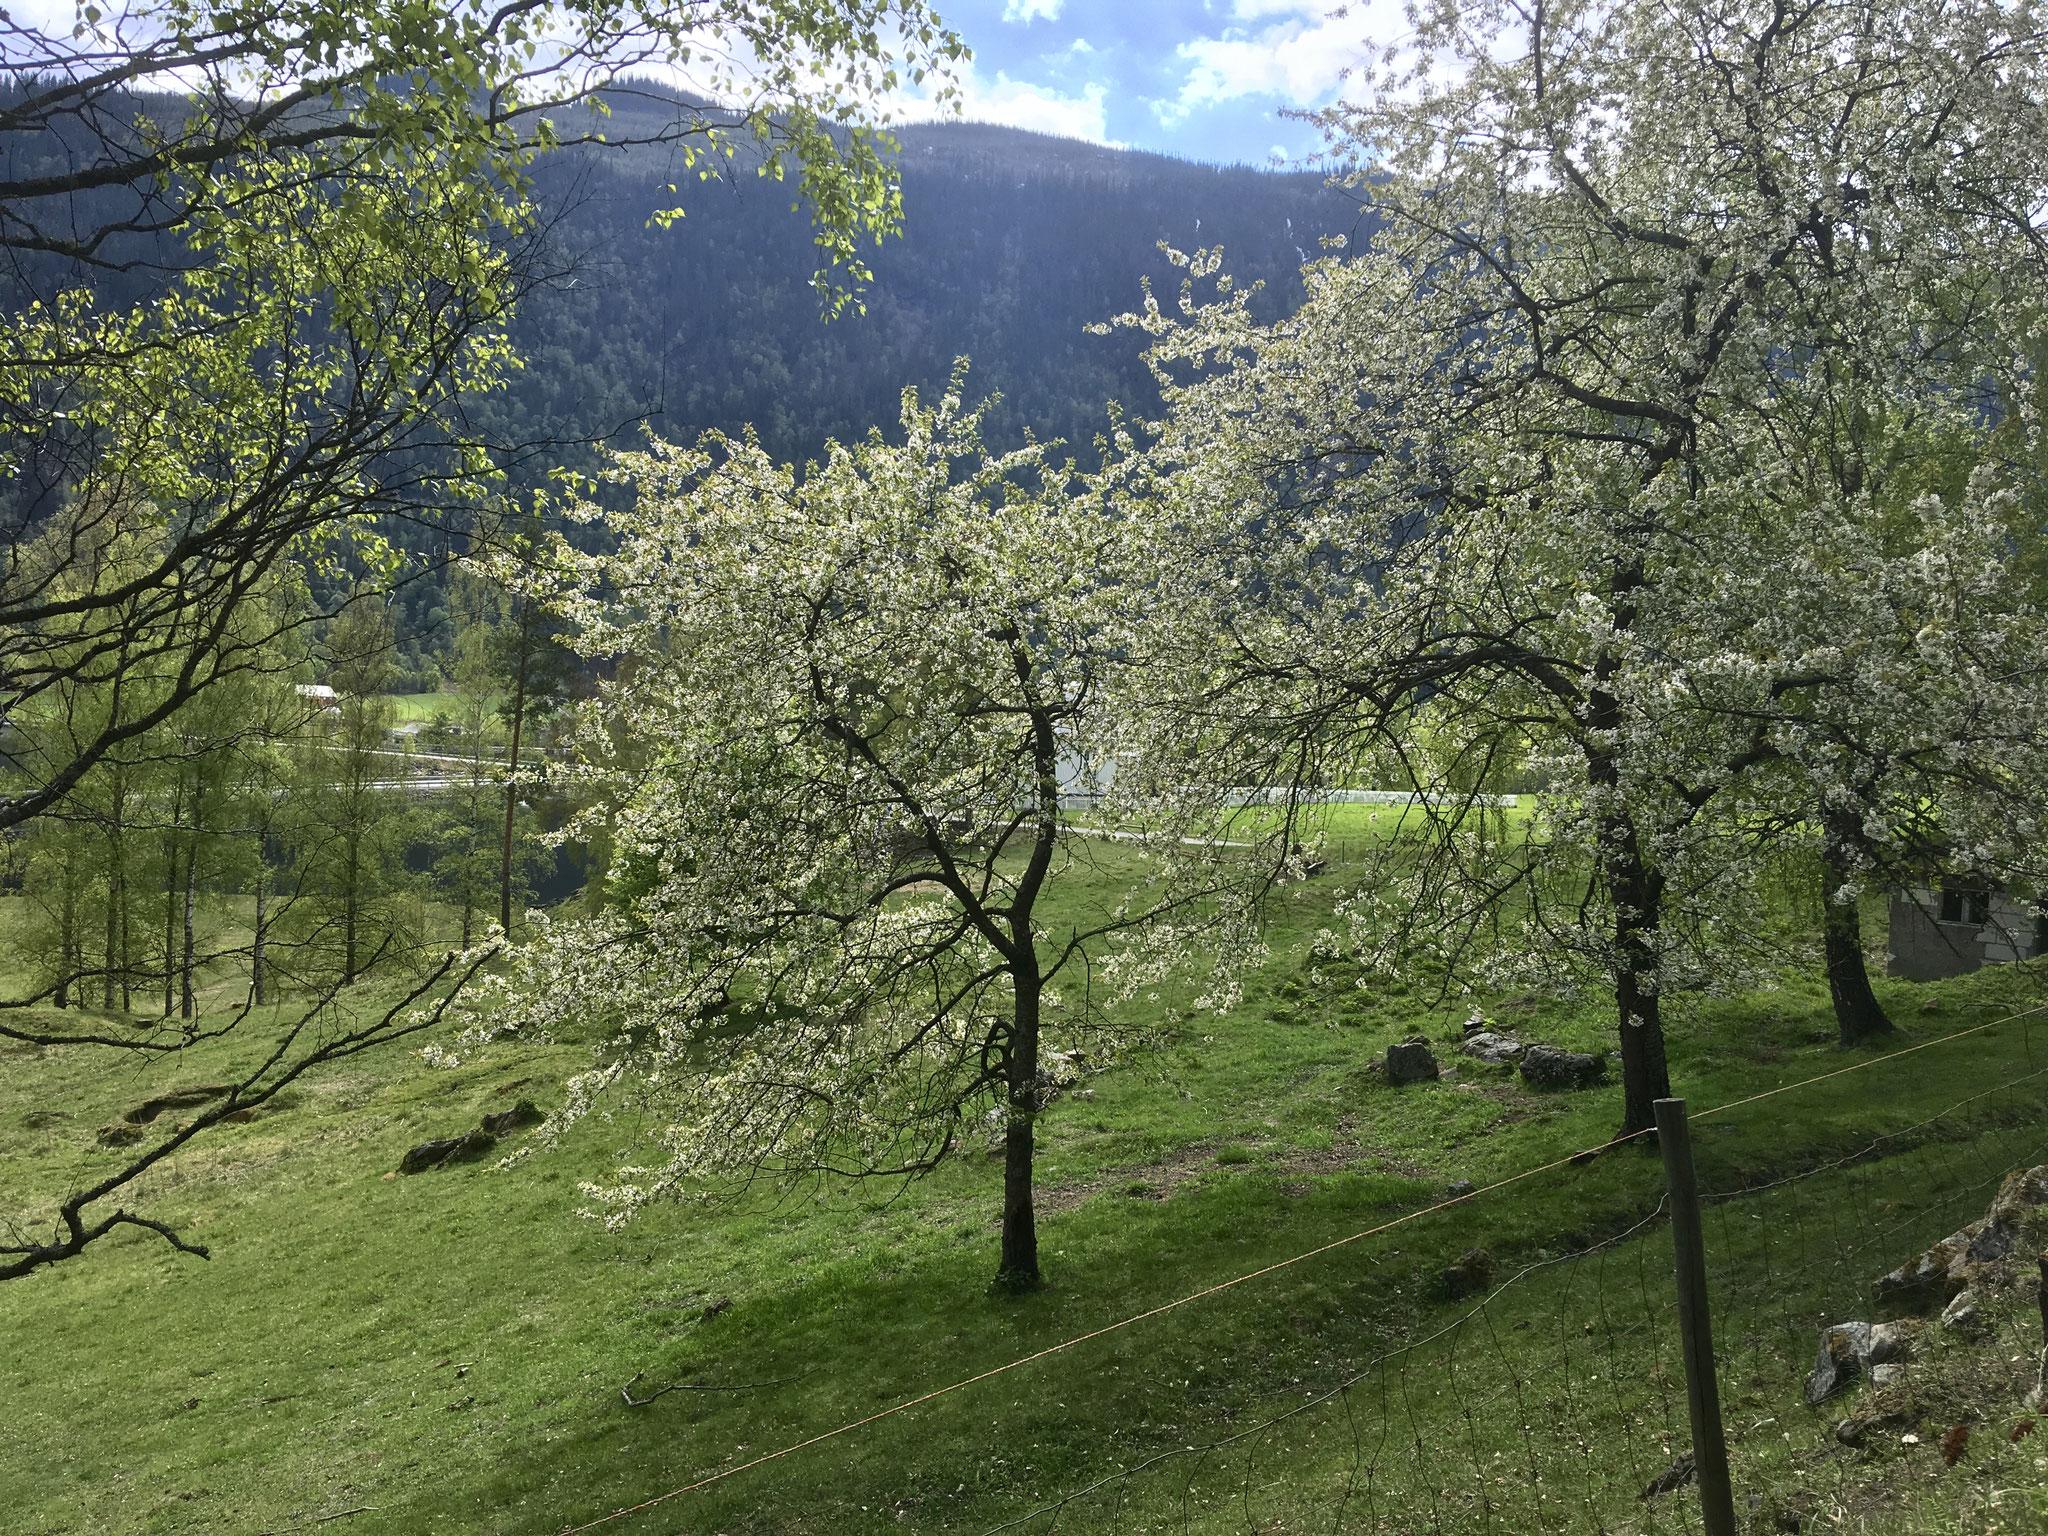 Mæl Kirche bak blomstrende trær